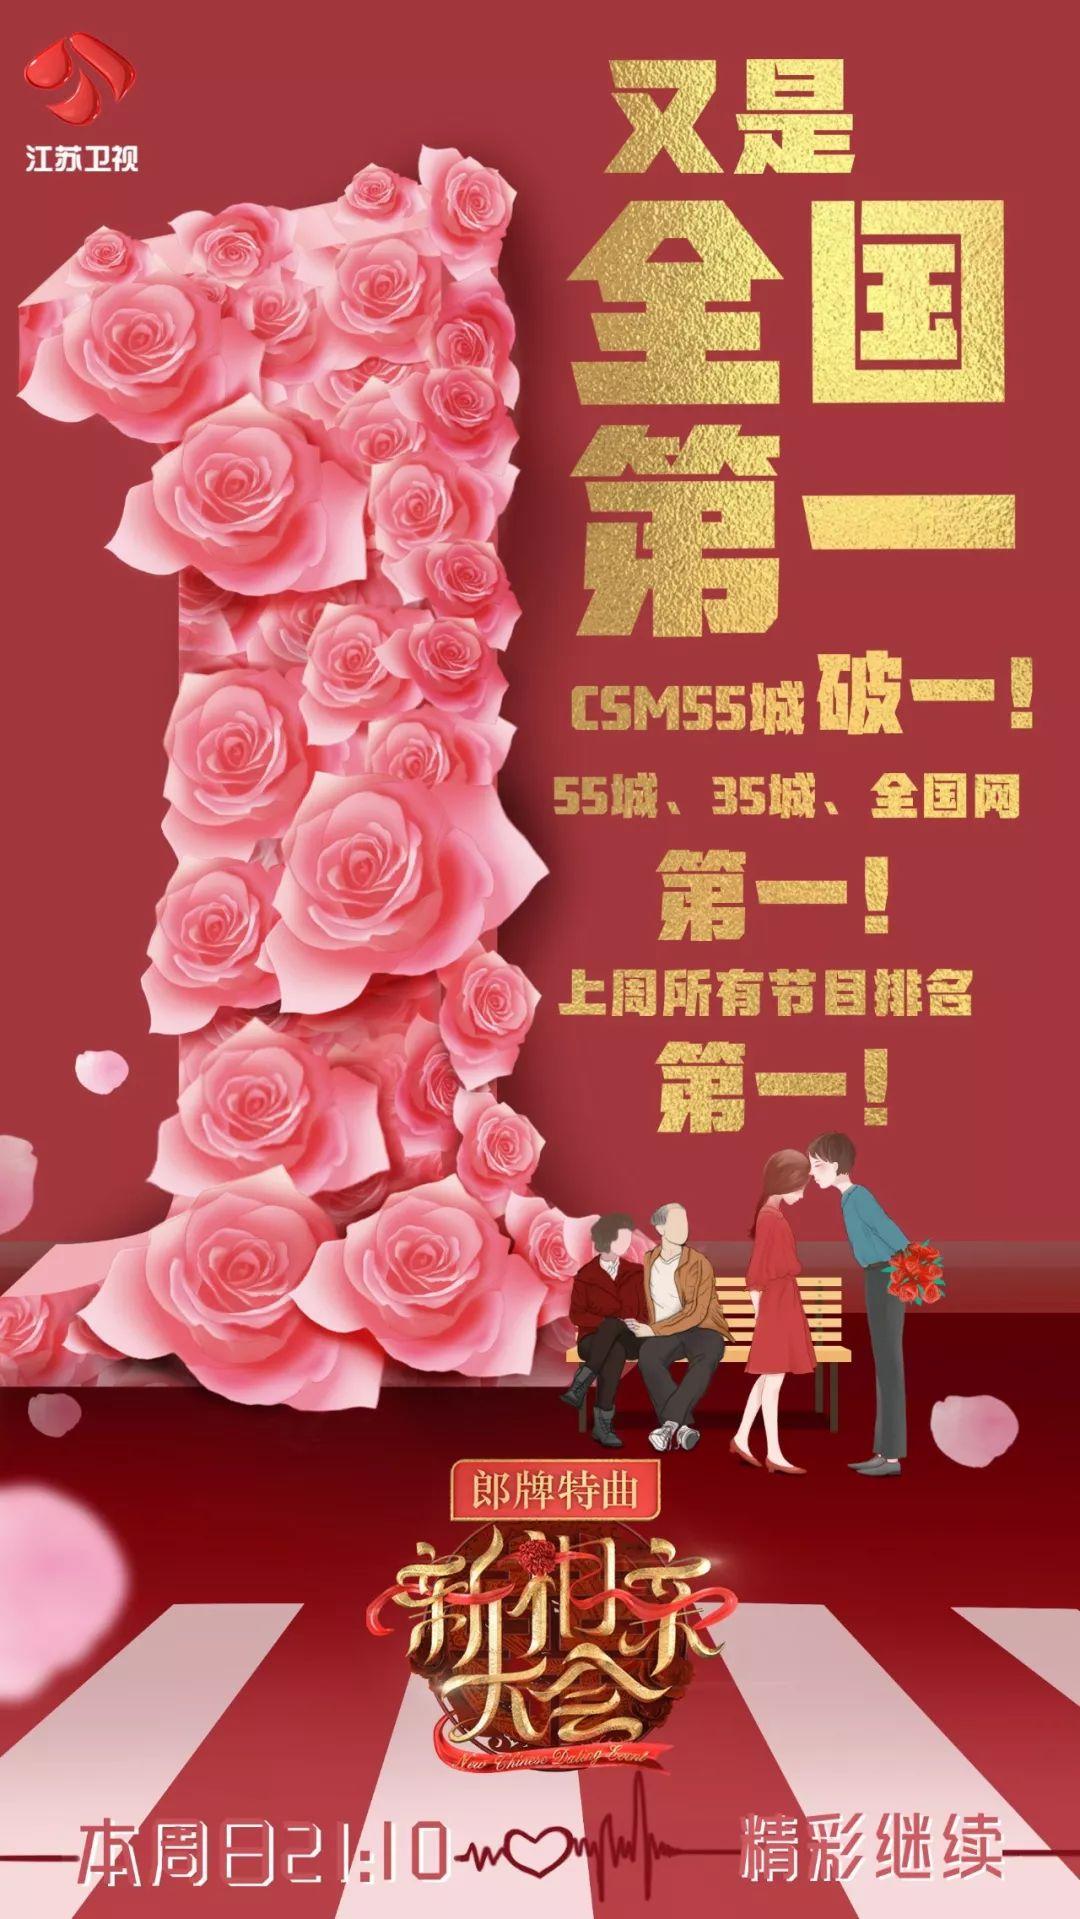 """《新相亲大会》引发婚恋市场年龄差大讨论 """"王富贵""""妈妈高情商获封""""硬核老妈"""""""